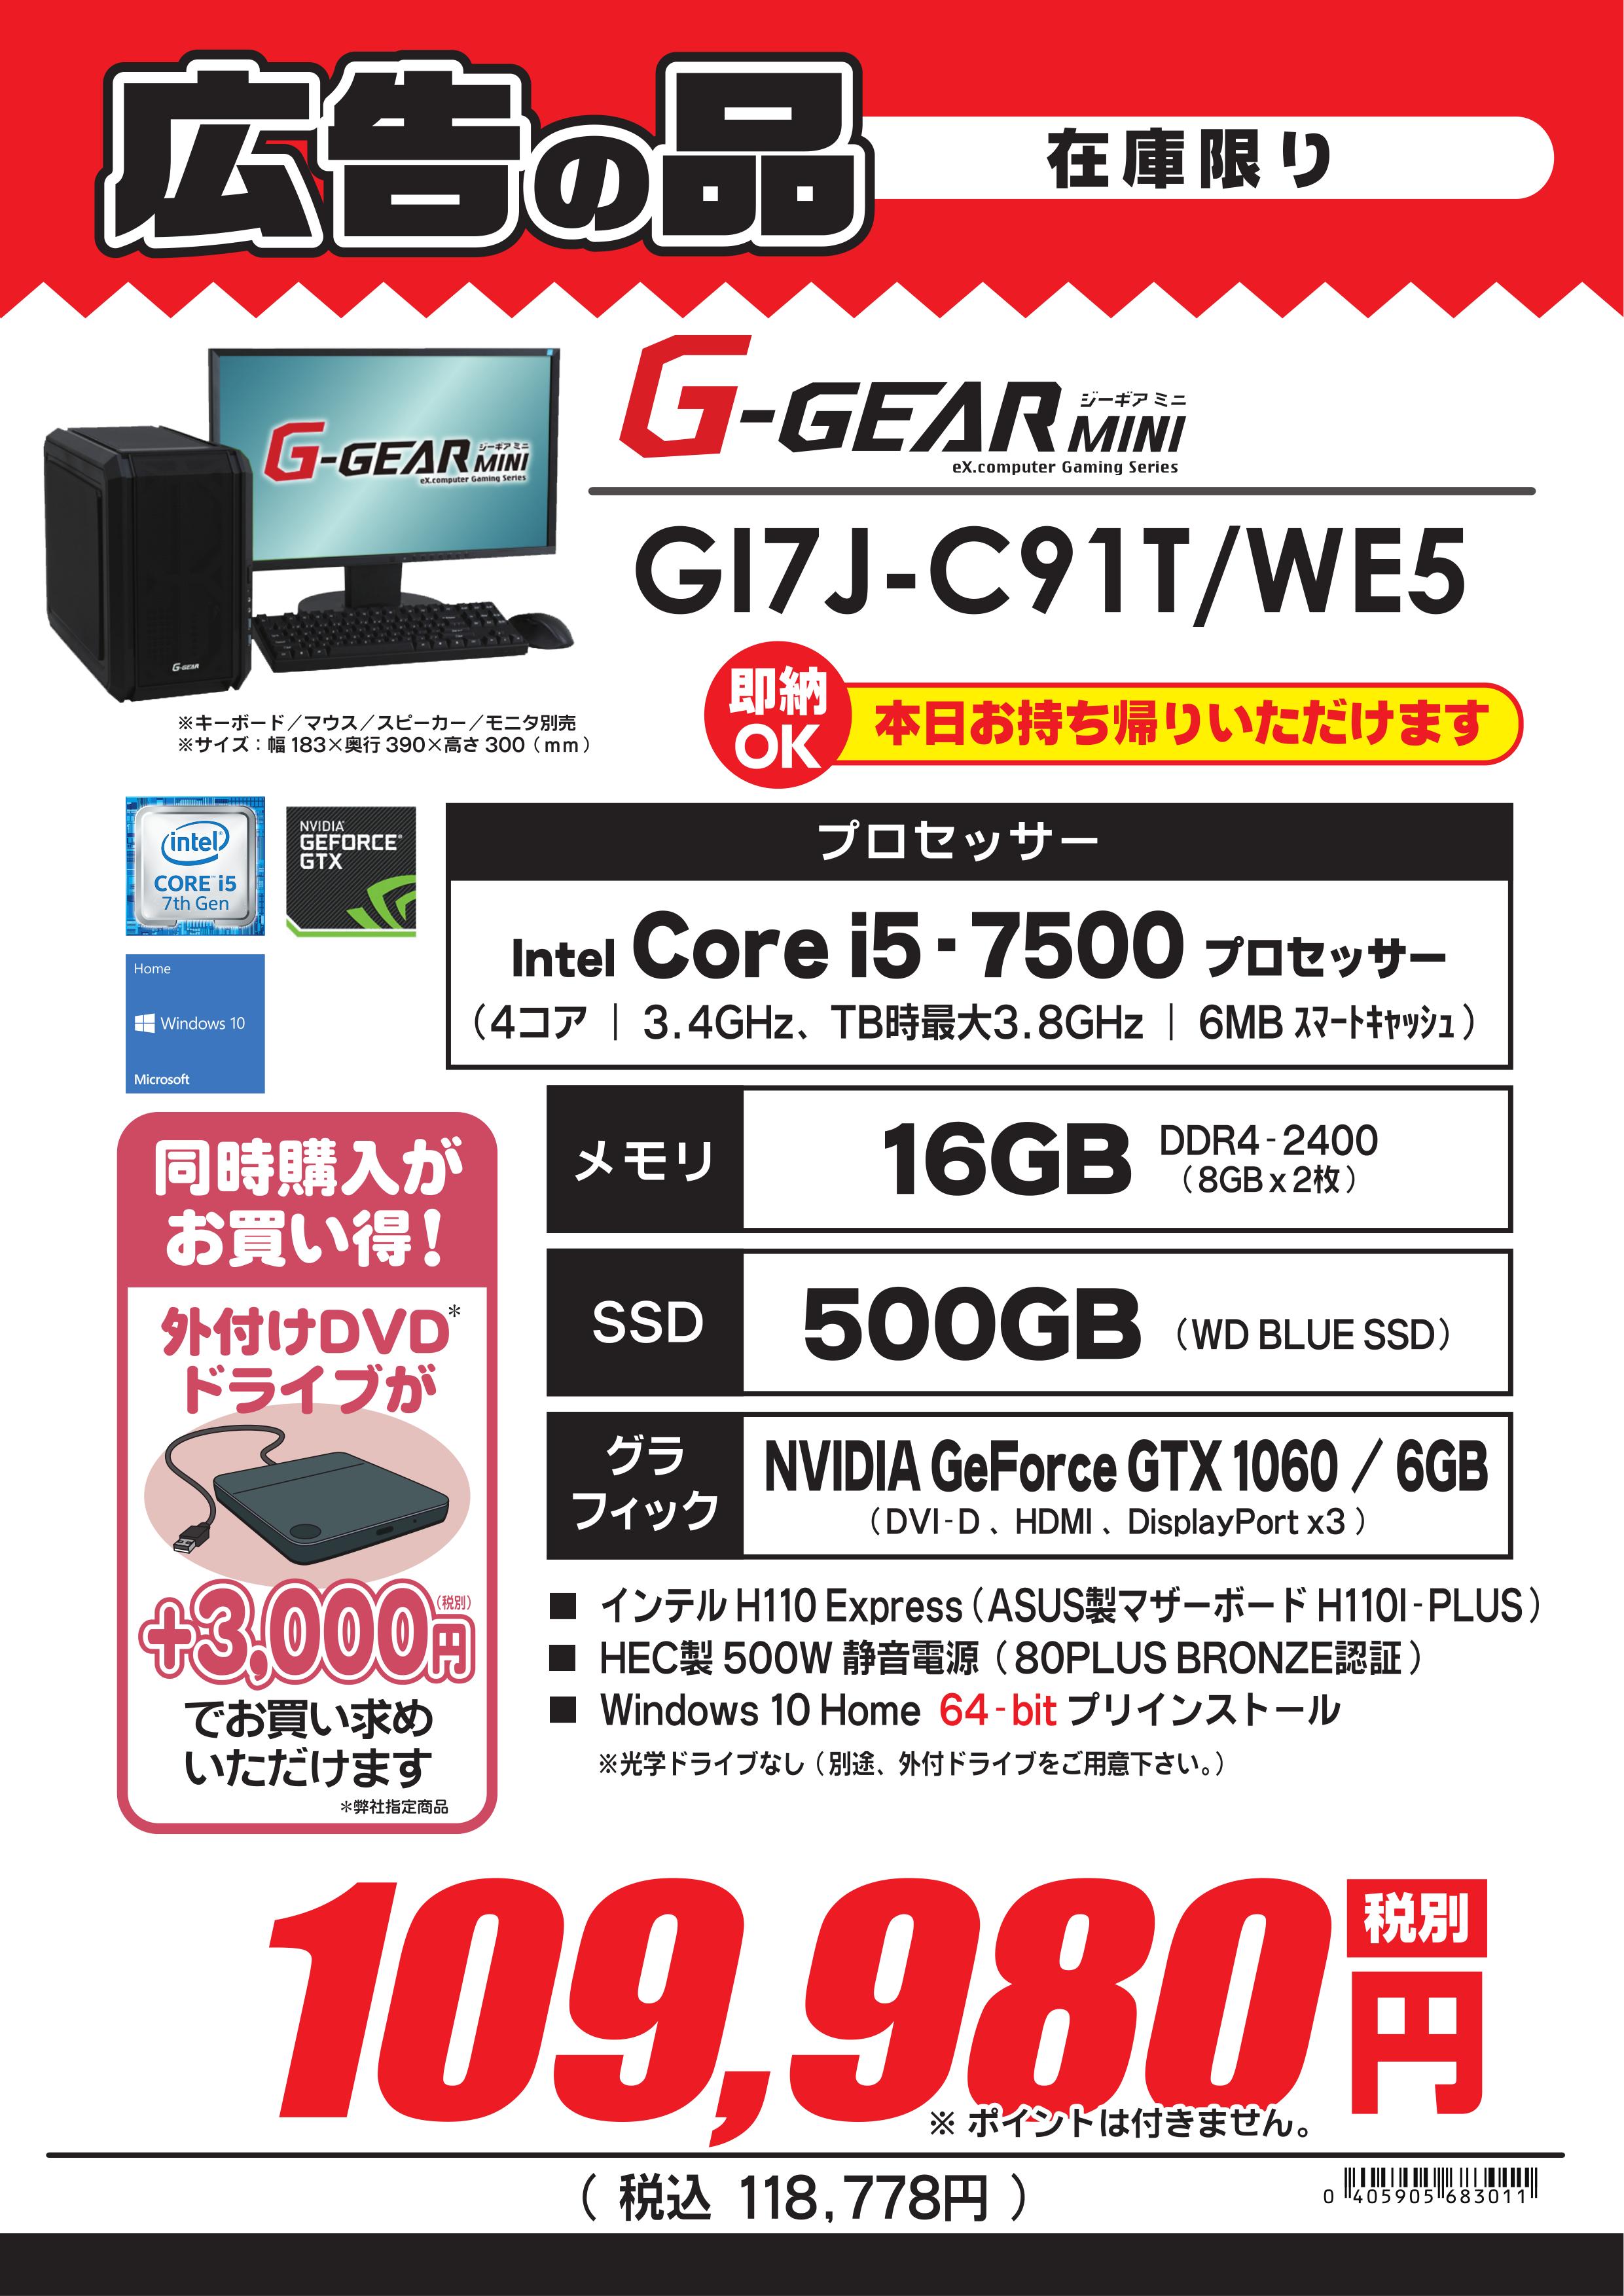 GI7J-C91T_WE5_imgs-0001.png